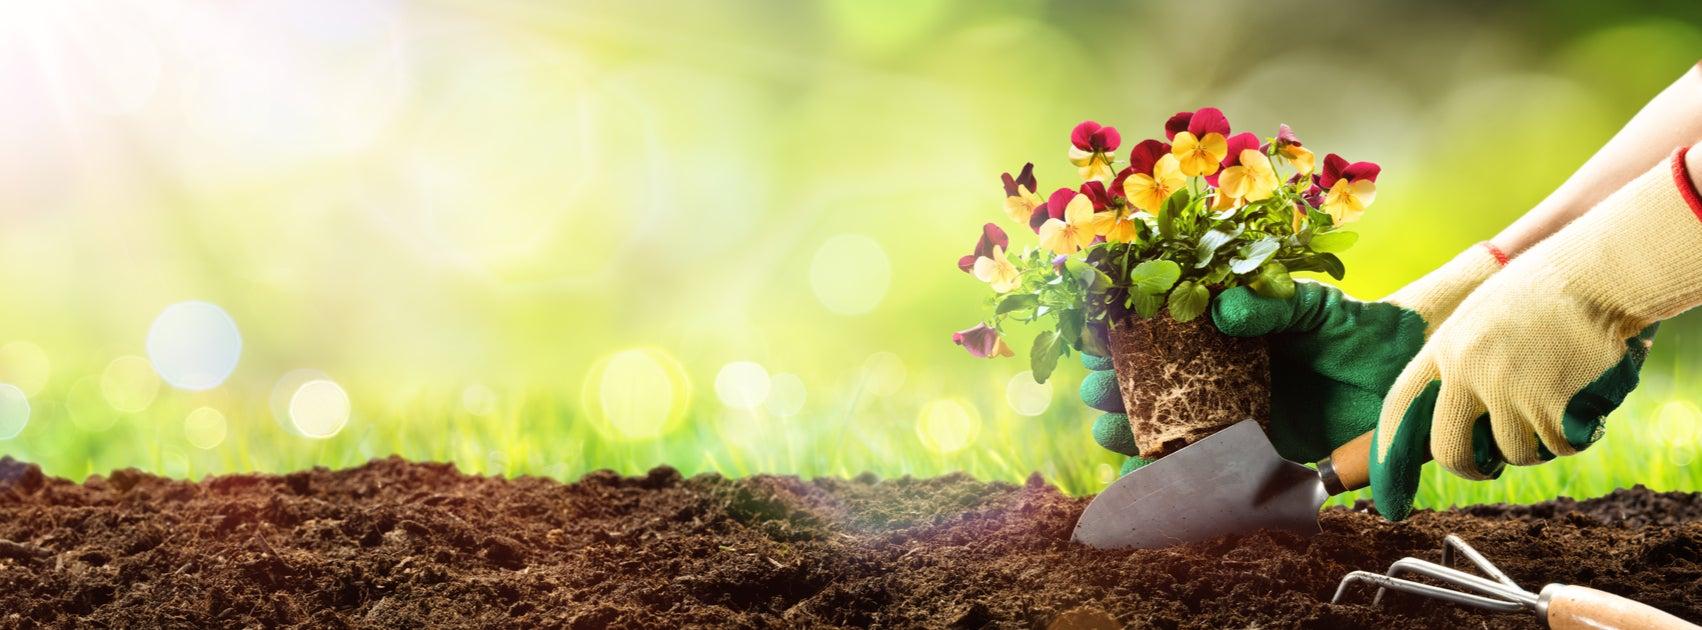 6 especies de plantas para tu jardín